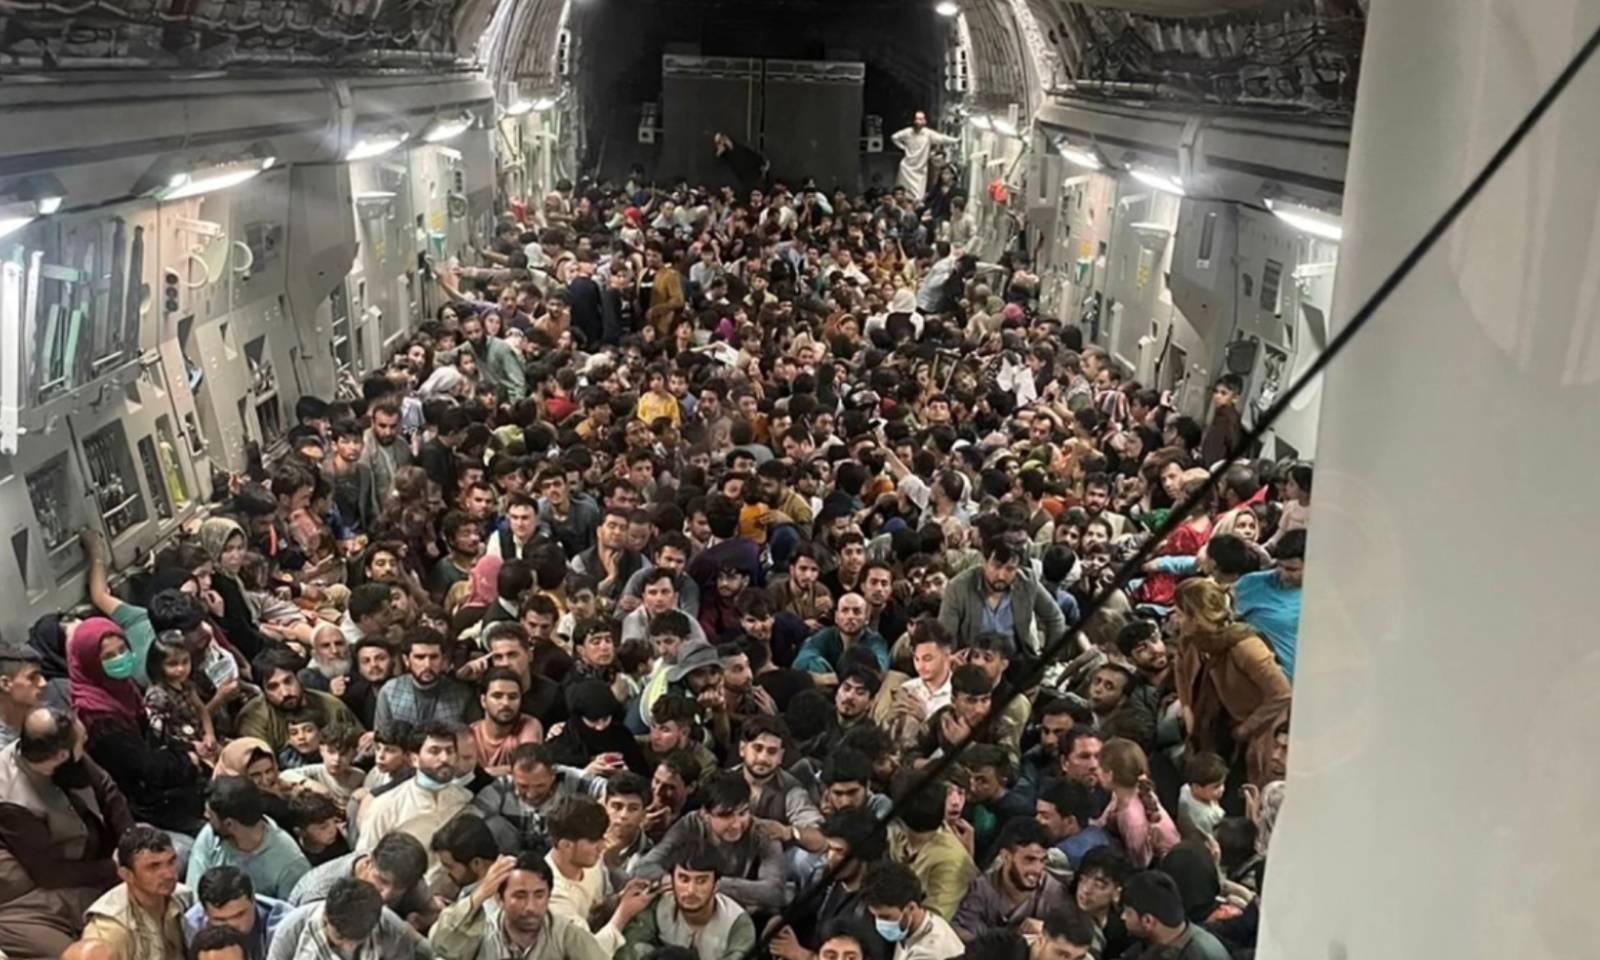 امریکی طیارے میں سوار 640 افراد کی تصویر سوشل میڈیا پر گردش کررہی ہے — فوٹو: رائٹرز